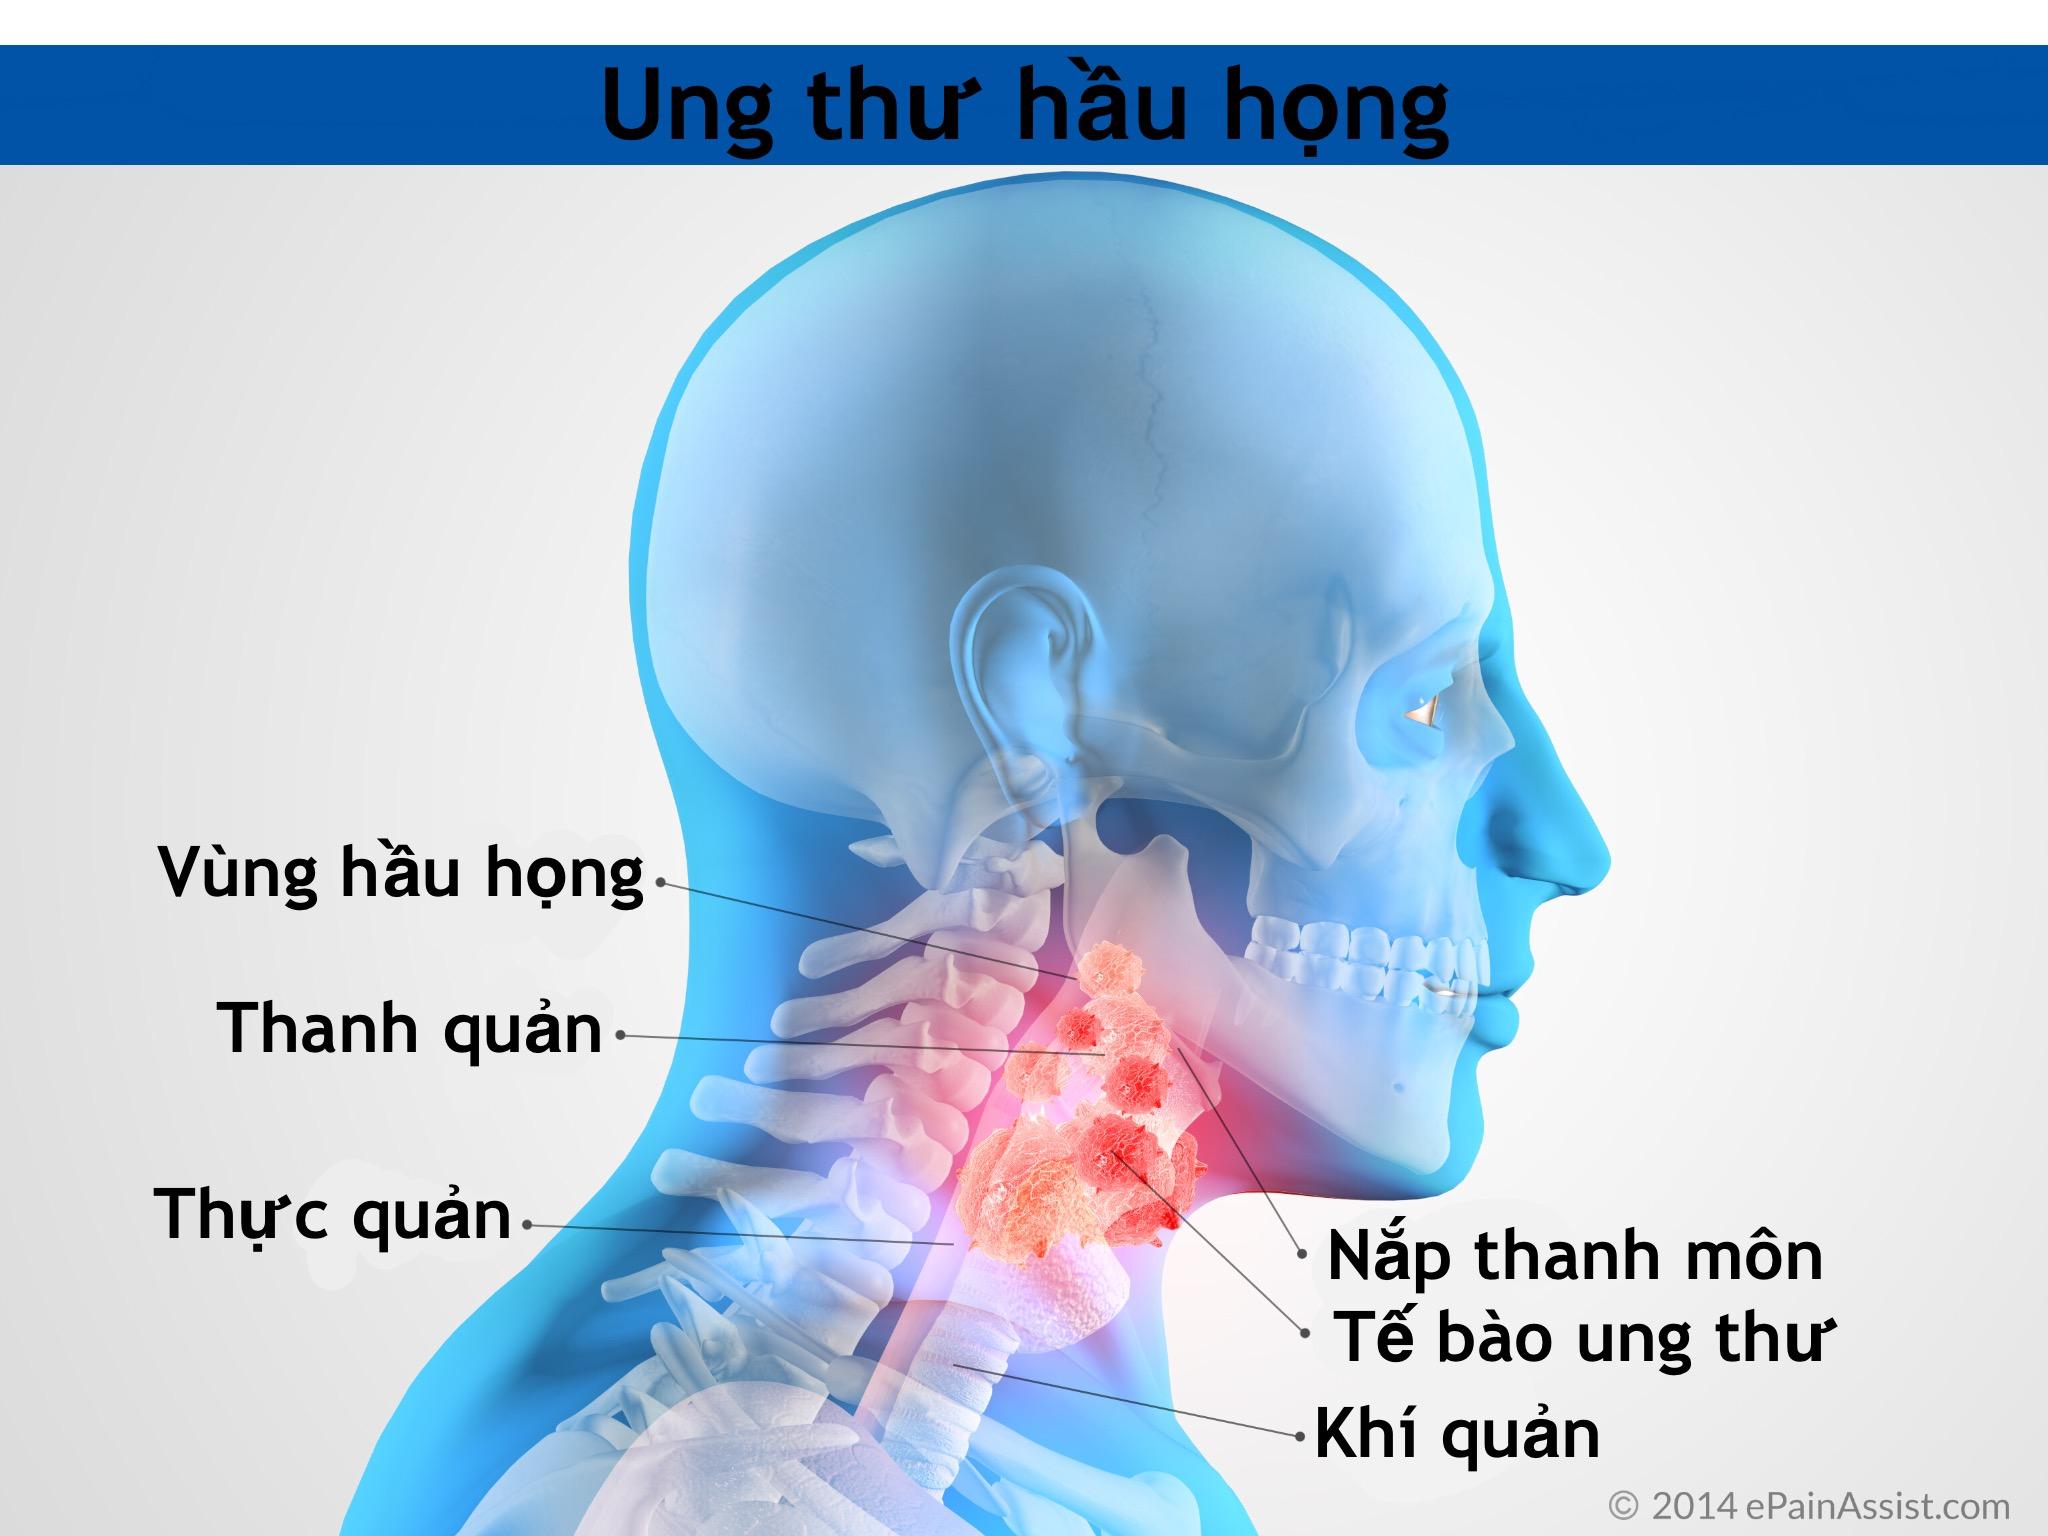 Ung thư hầu họng